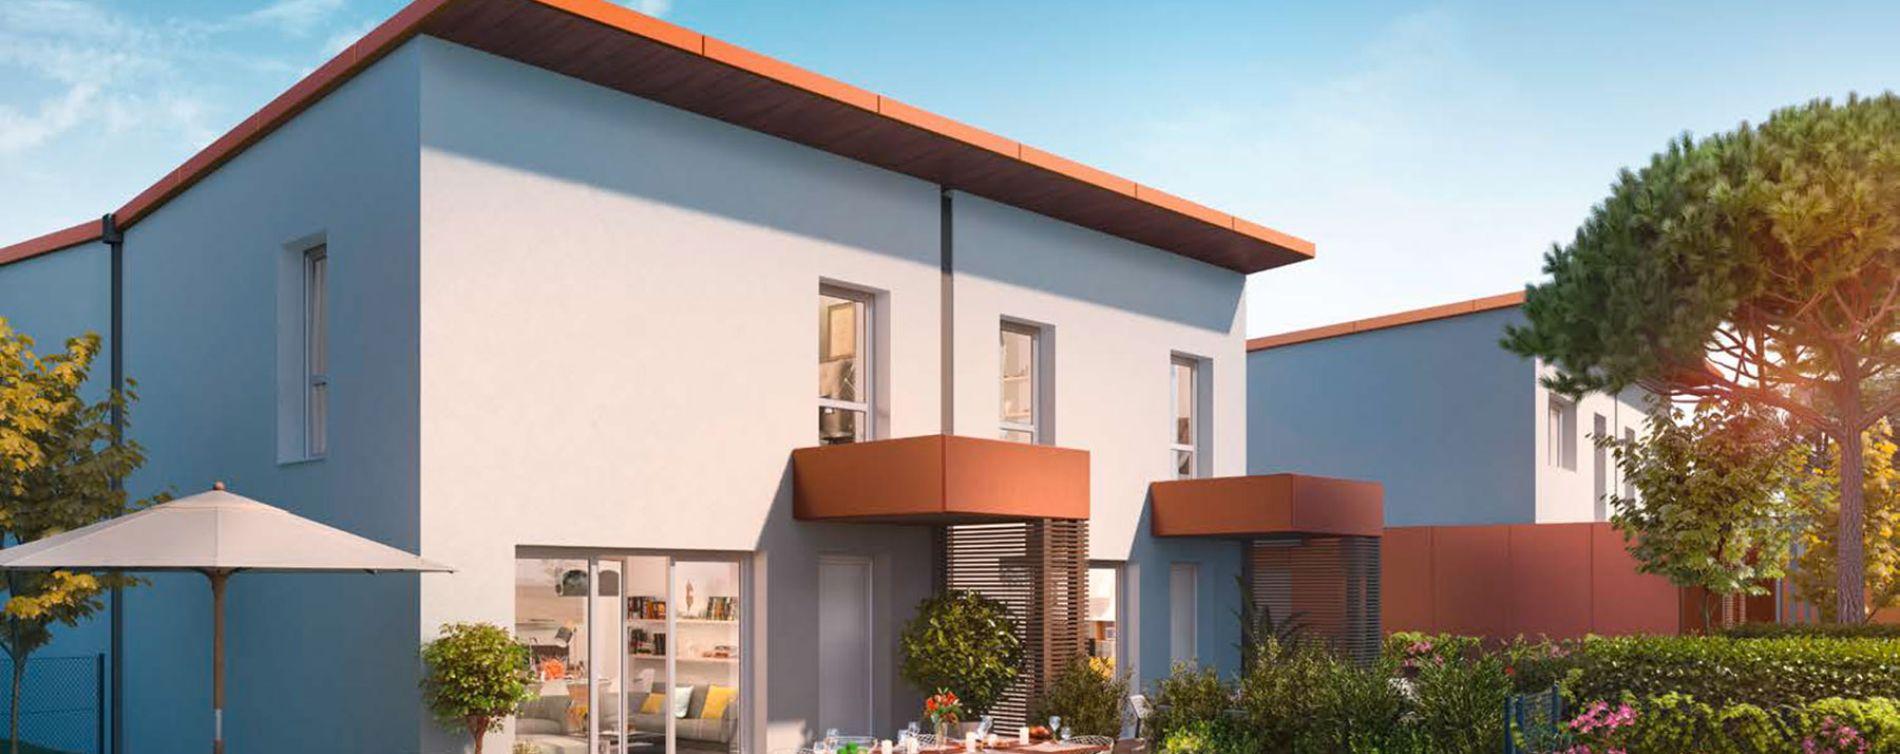 Bassens : programme immobilier neuve « Les Villas Caudaly » (3)